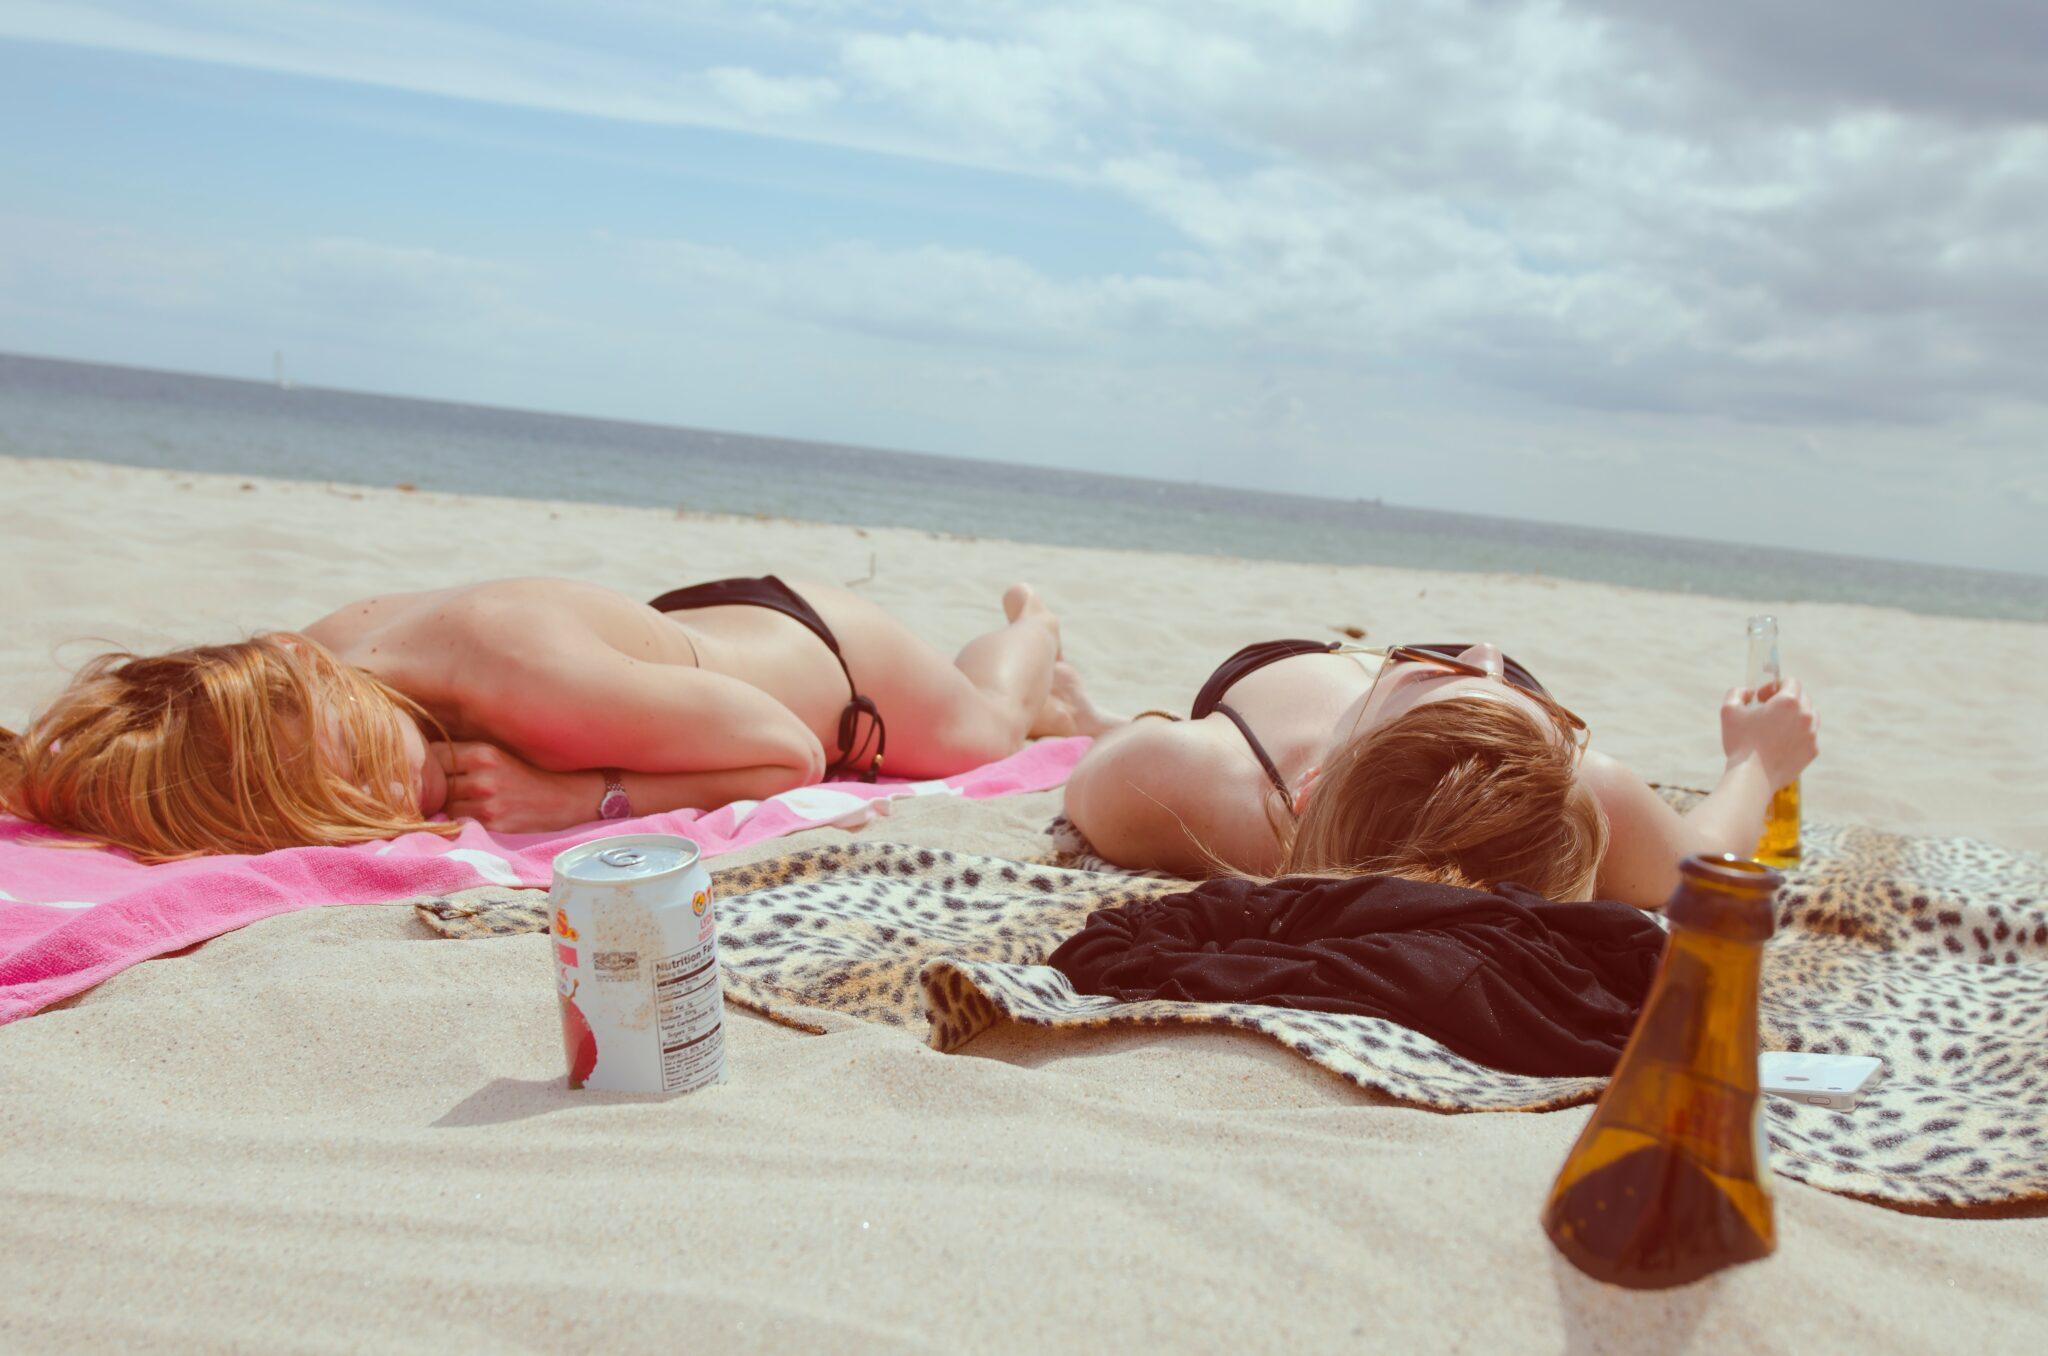 Zwei Frauen in Bikini liegen an einem Sandstrand, die Sonne scheint.